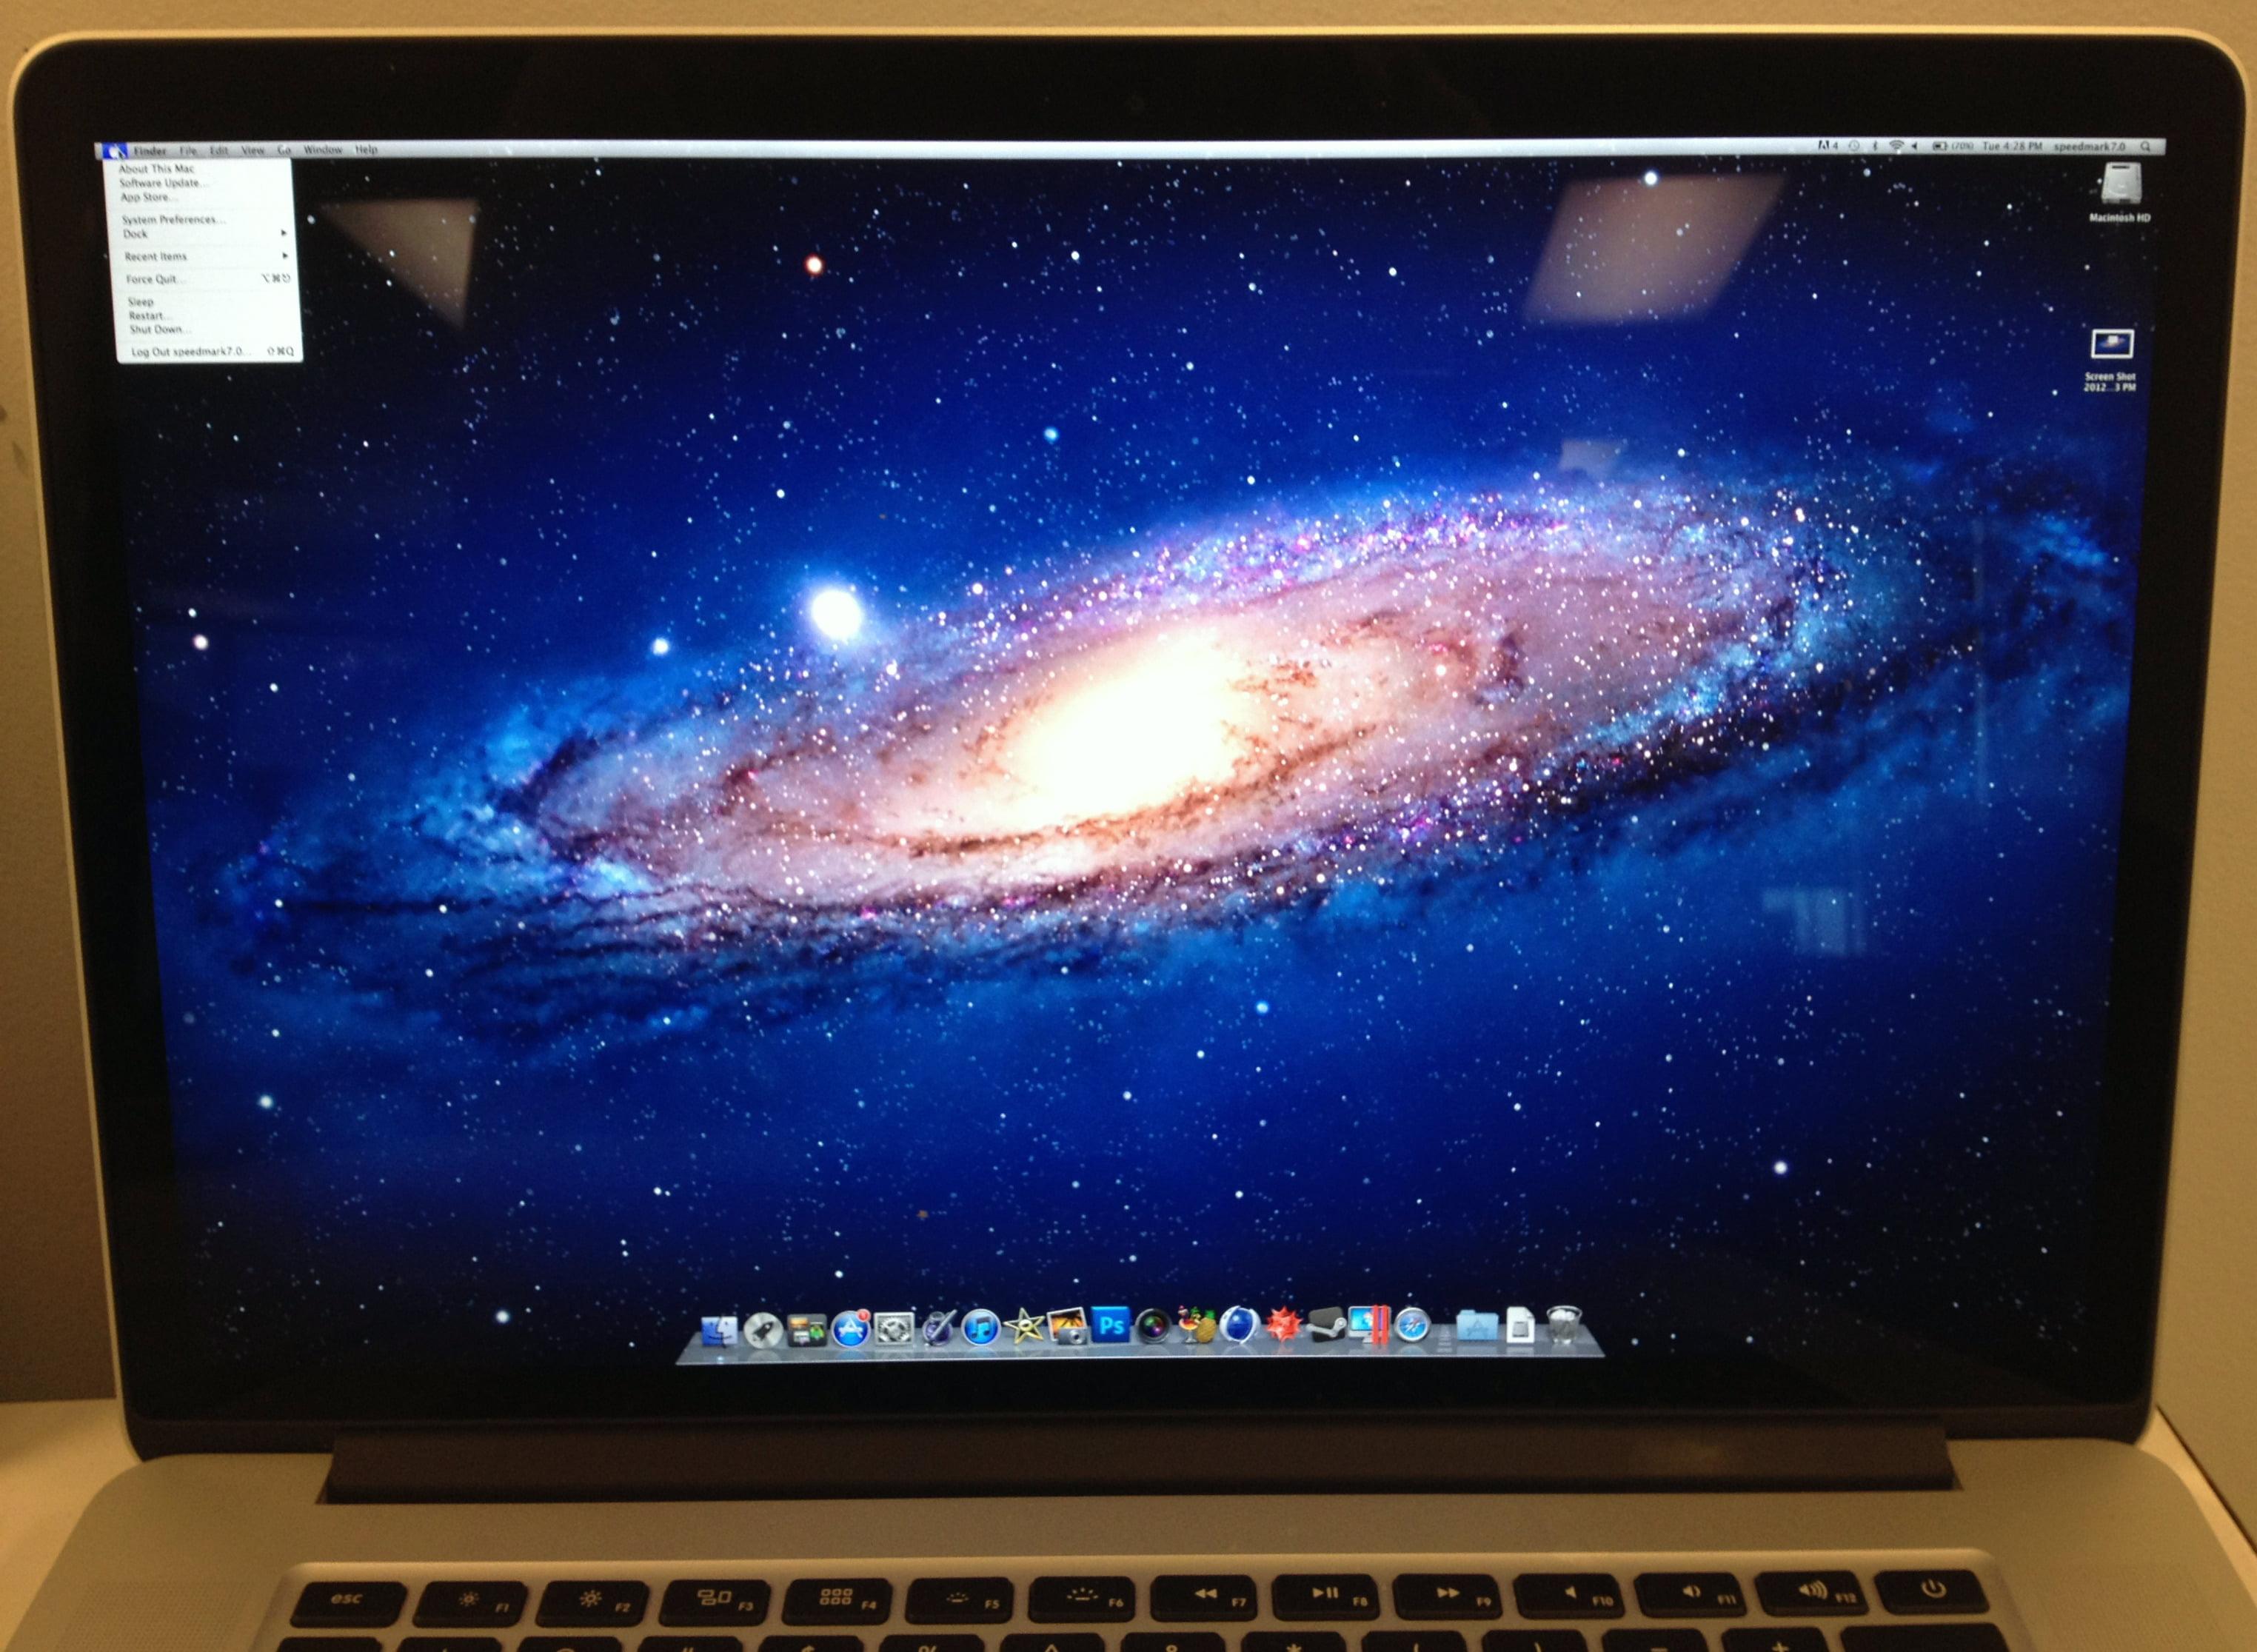 MacBook Retina mit voller Auflösung nutzen